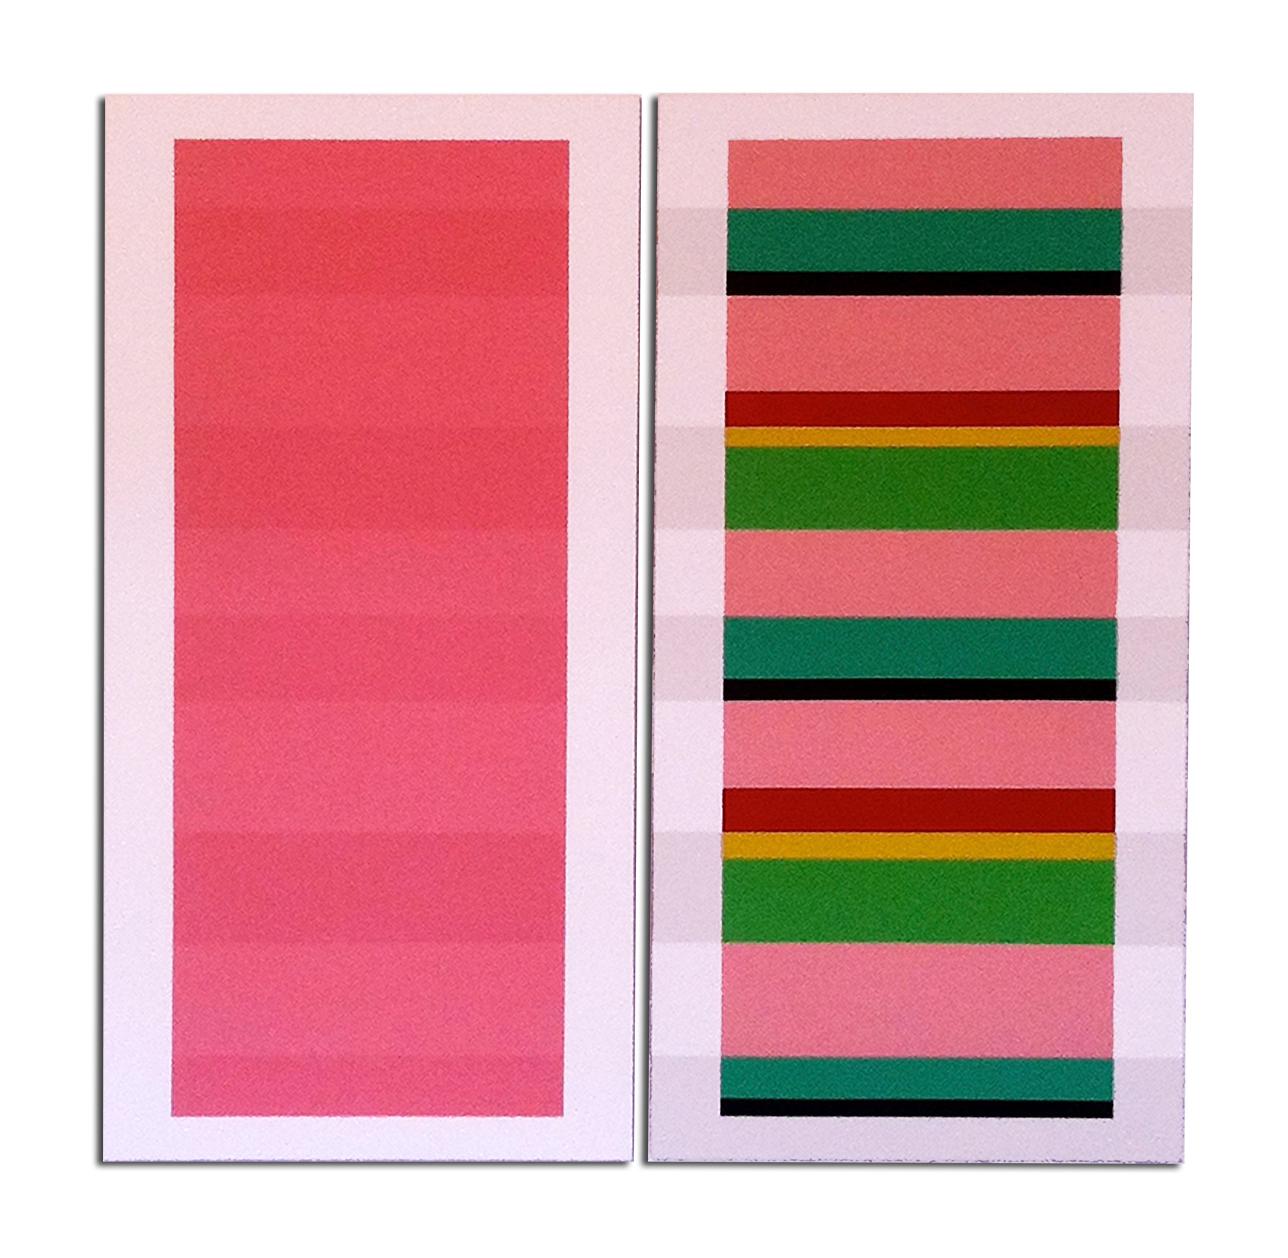 Acrylique sur toile - dyptique - 130 x 110 x 4 cm